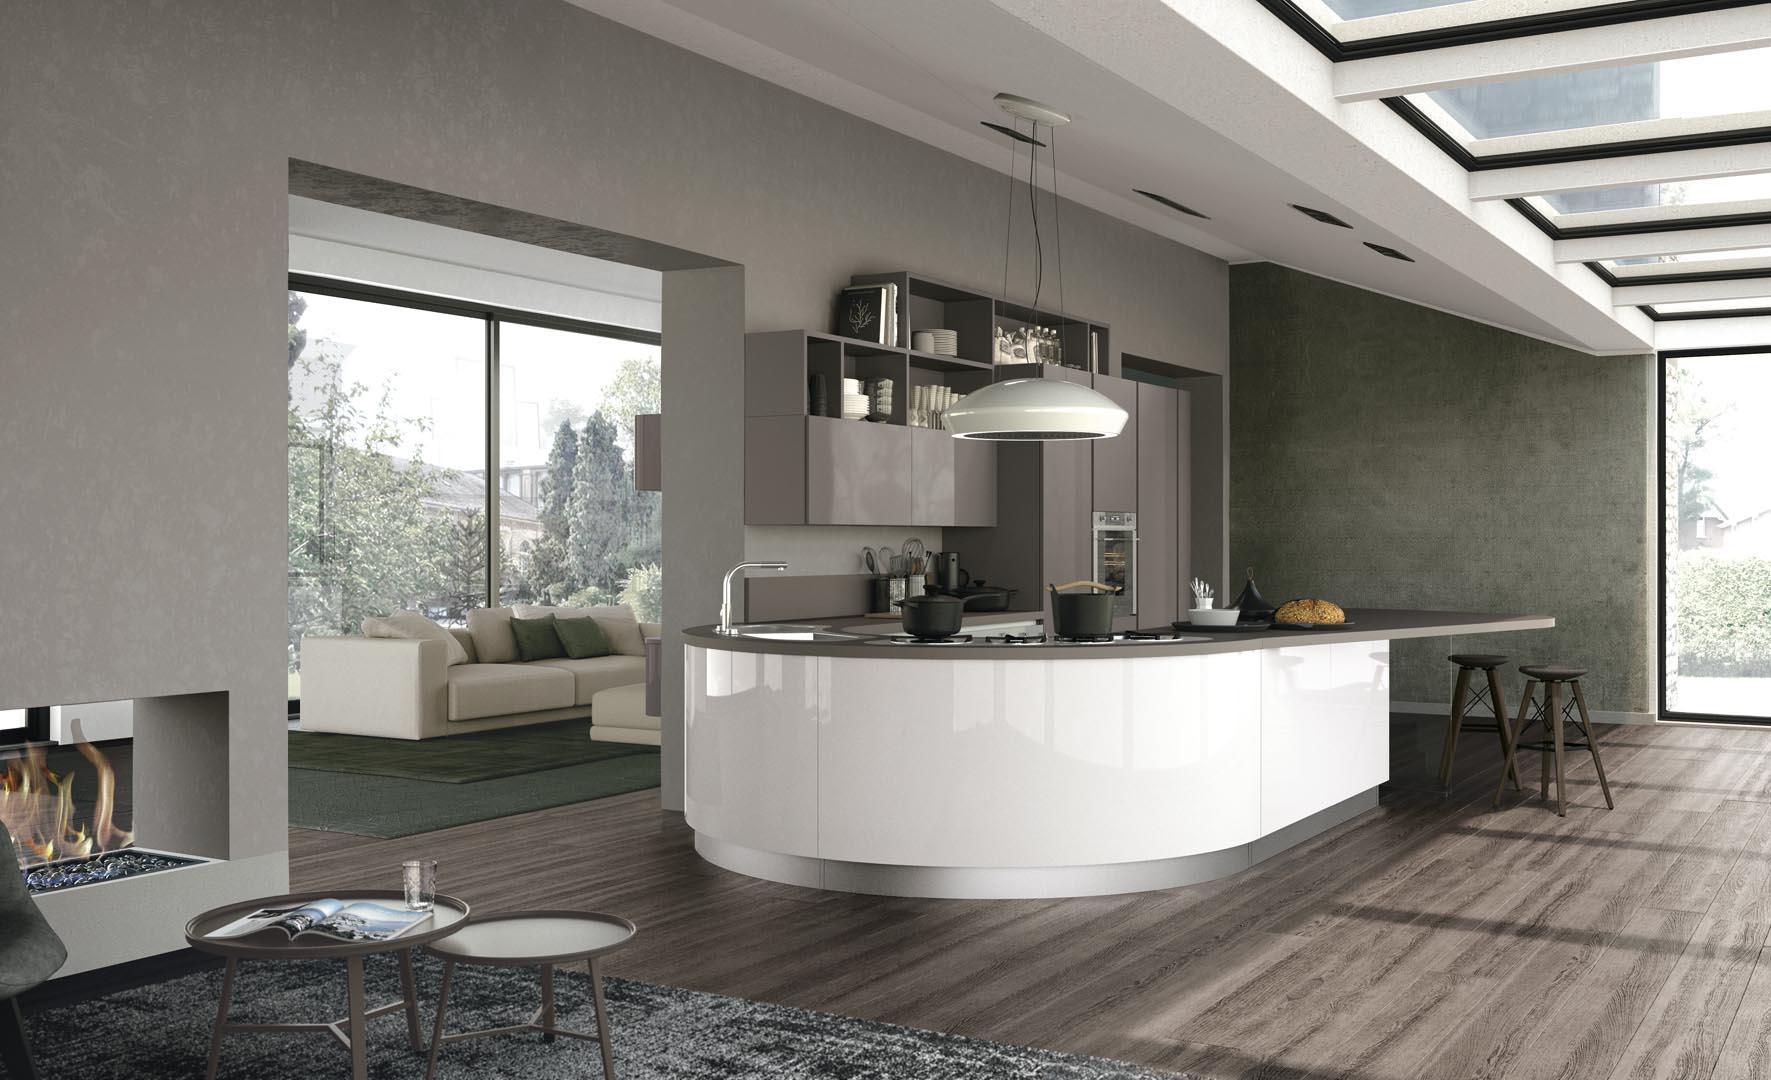 cucine moderne - clover